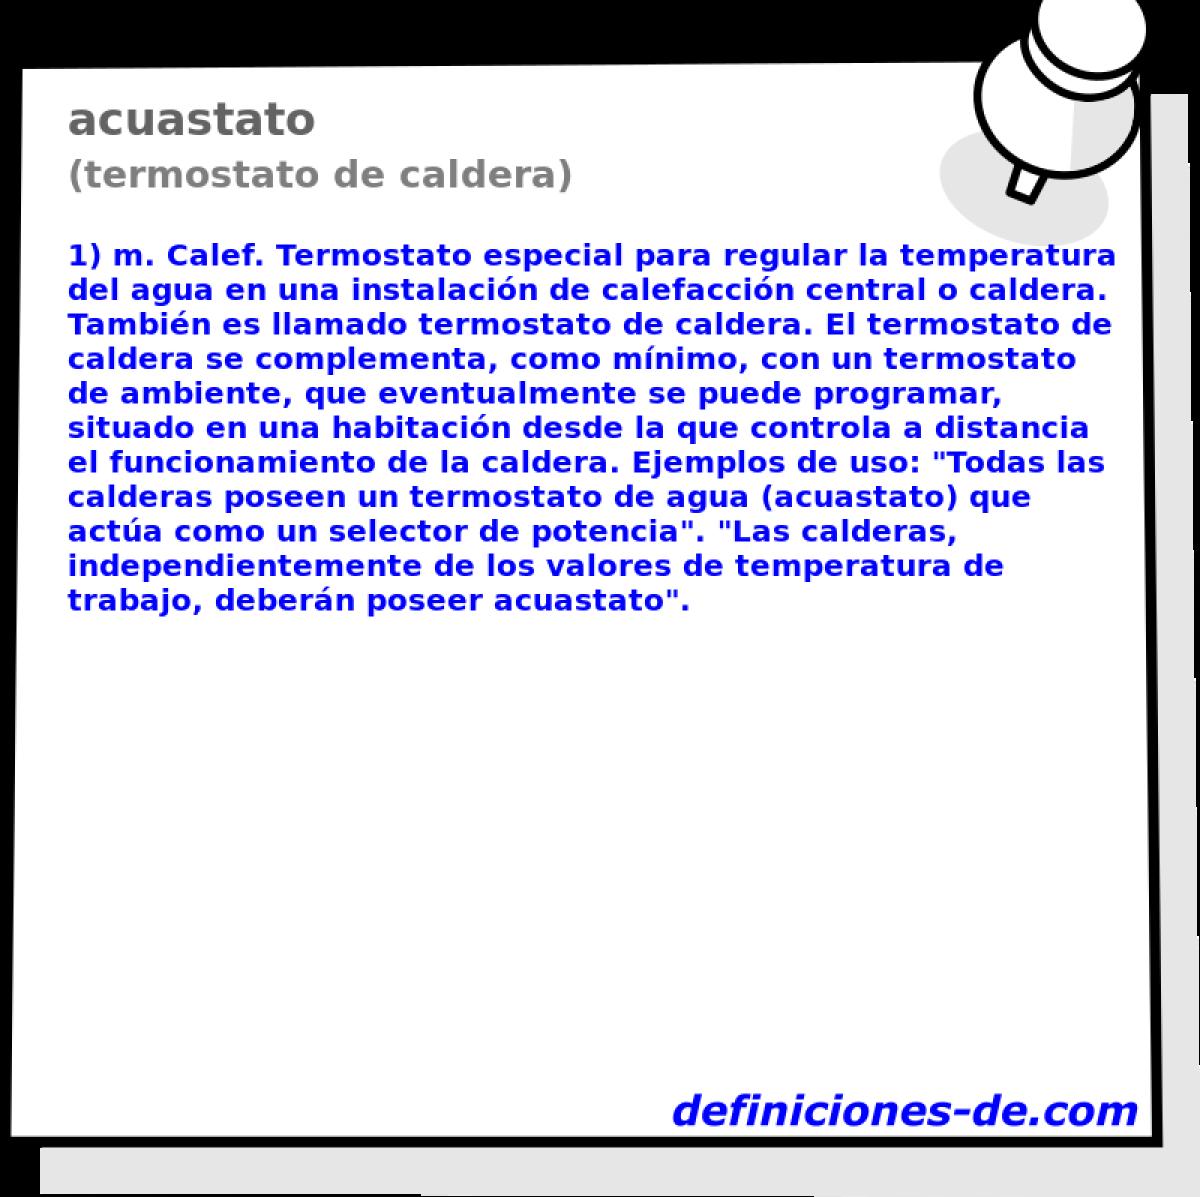 Qué significa Acuastato (termostato de caldera)?